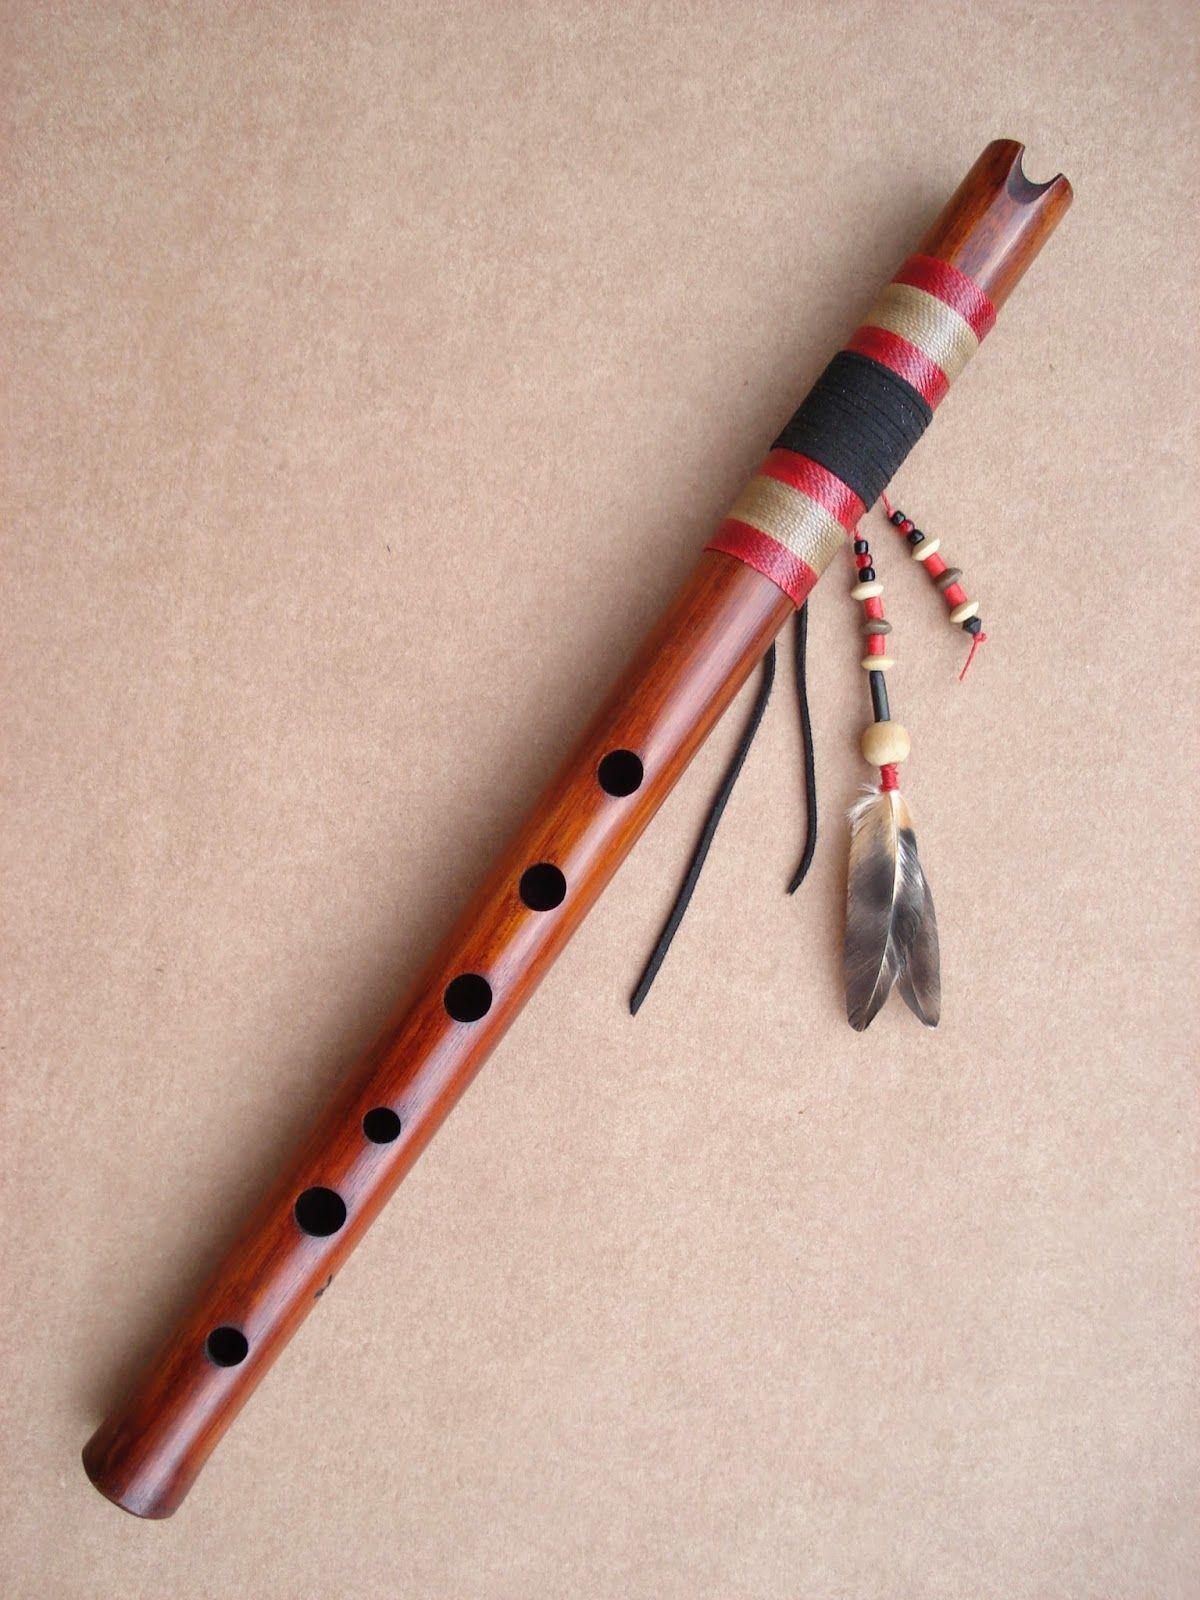 La Quena es una instrumento musical de Bolivia. Espero que listes a musico de Bolivia en el país.